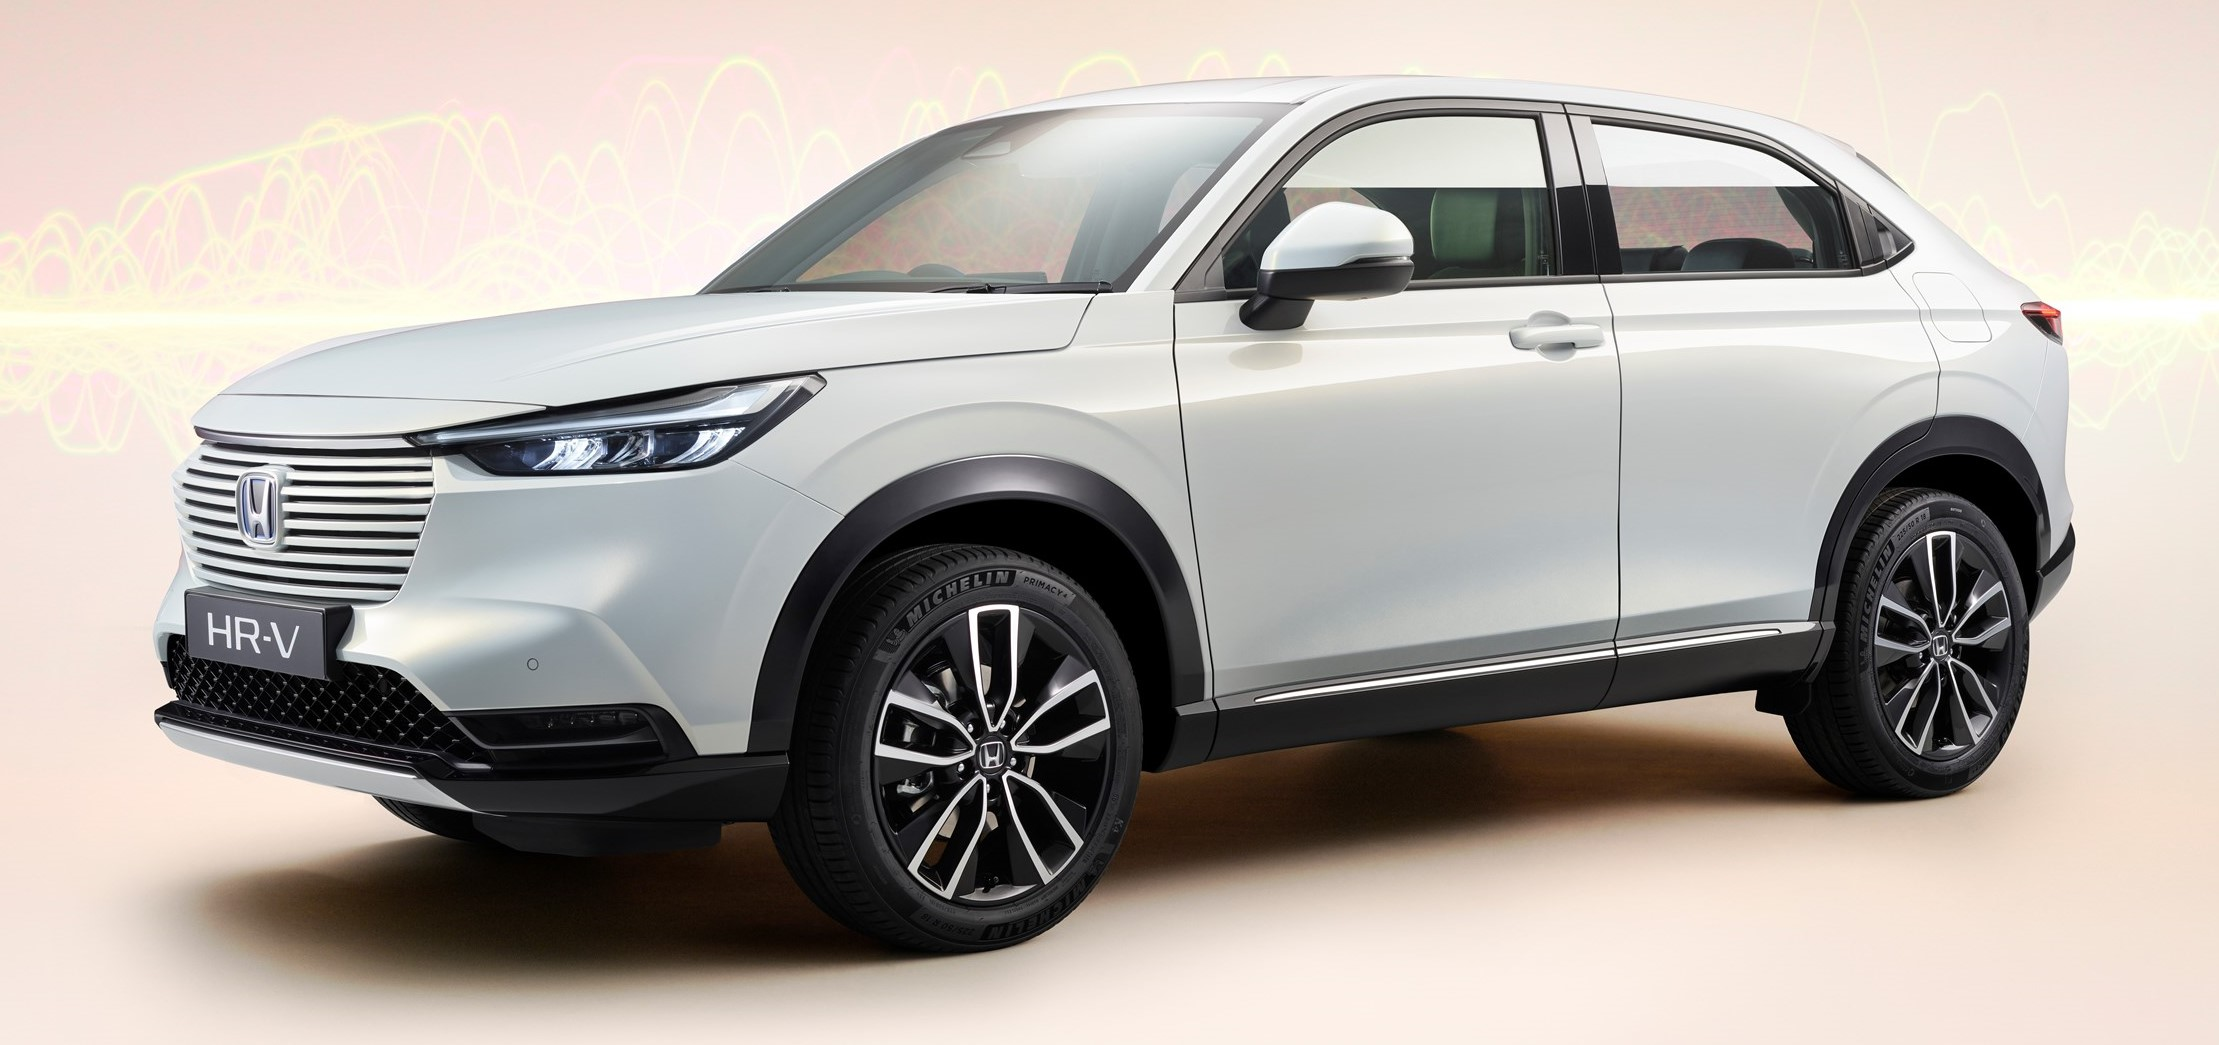 All-new Honda HR-V is revealed